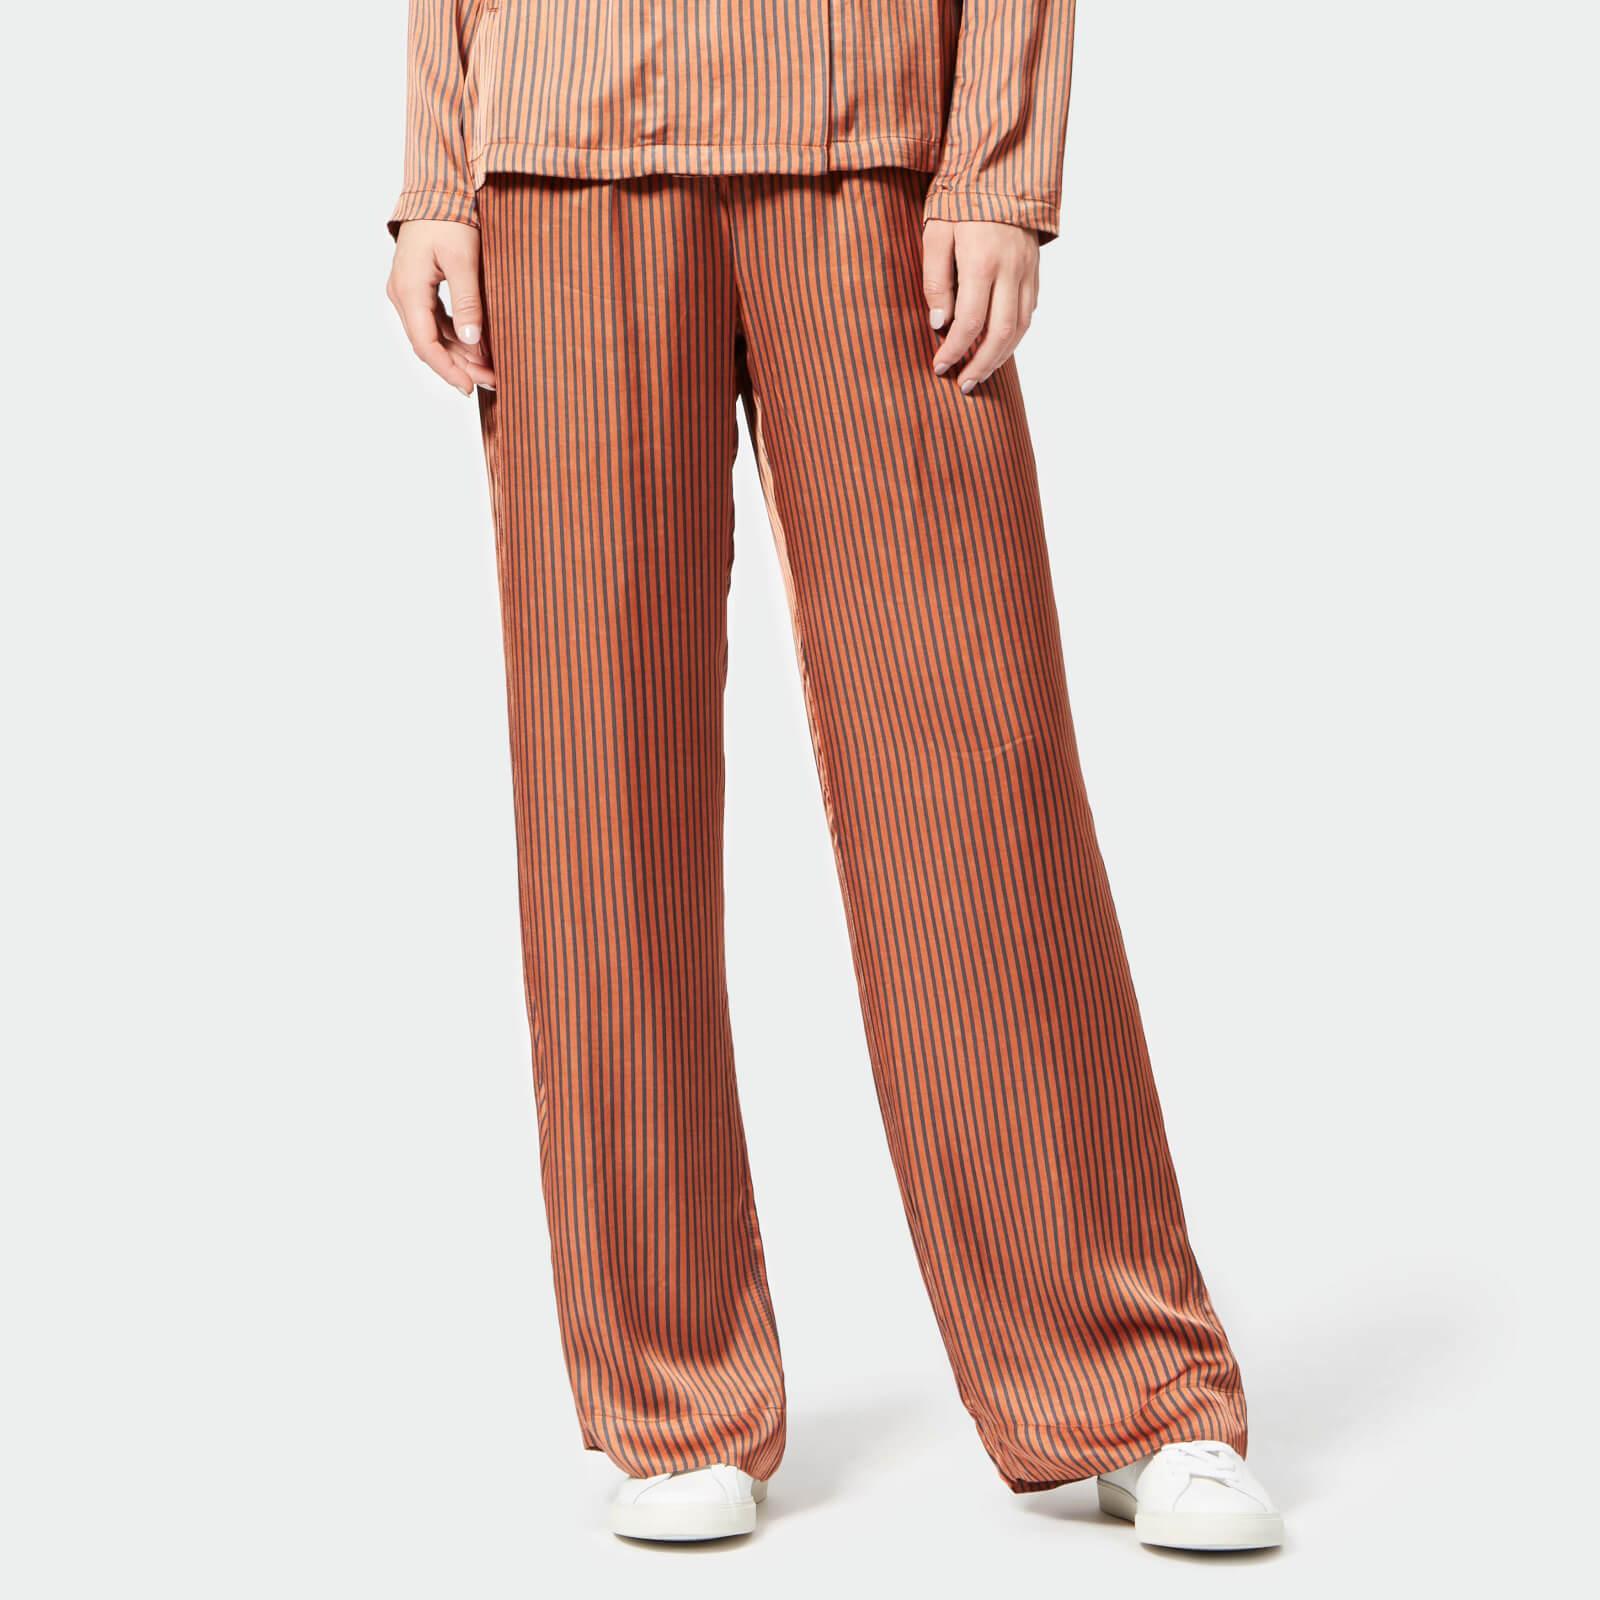 Gestuz Women's Veronica Pants - Ginger Stripe - EU 34/UK 6 - Beige